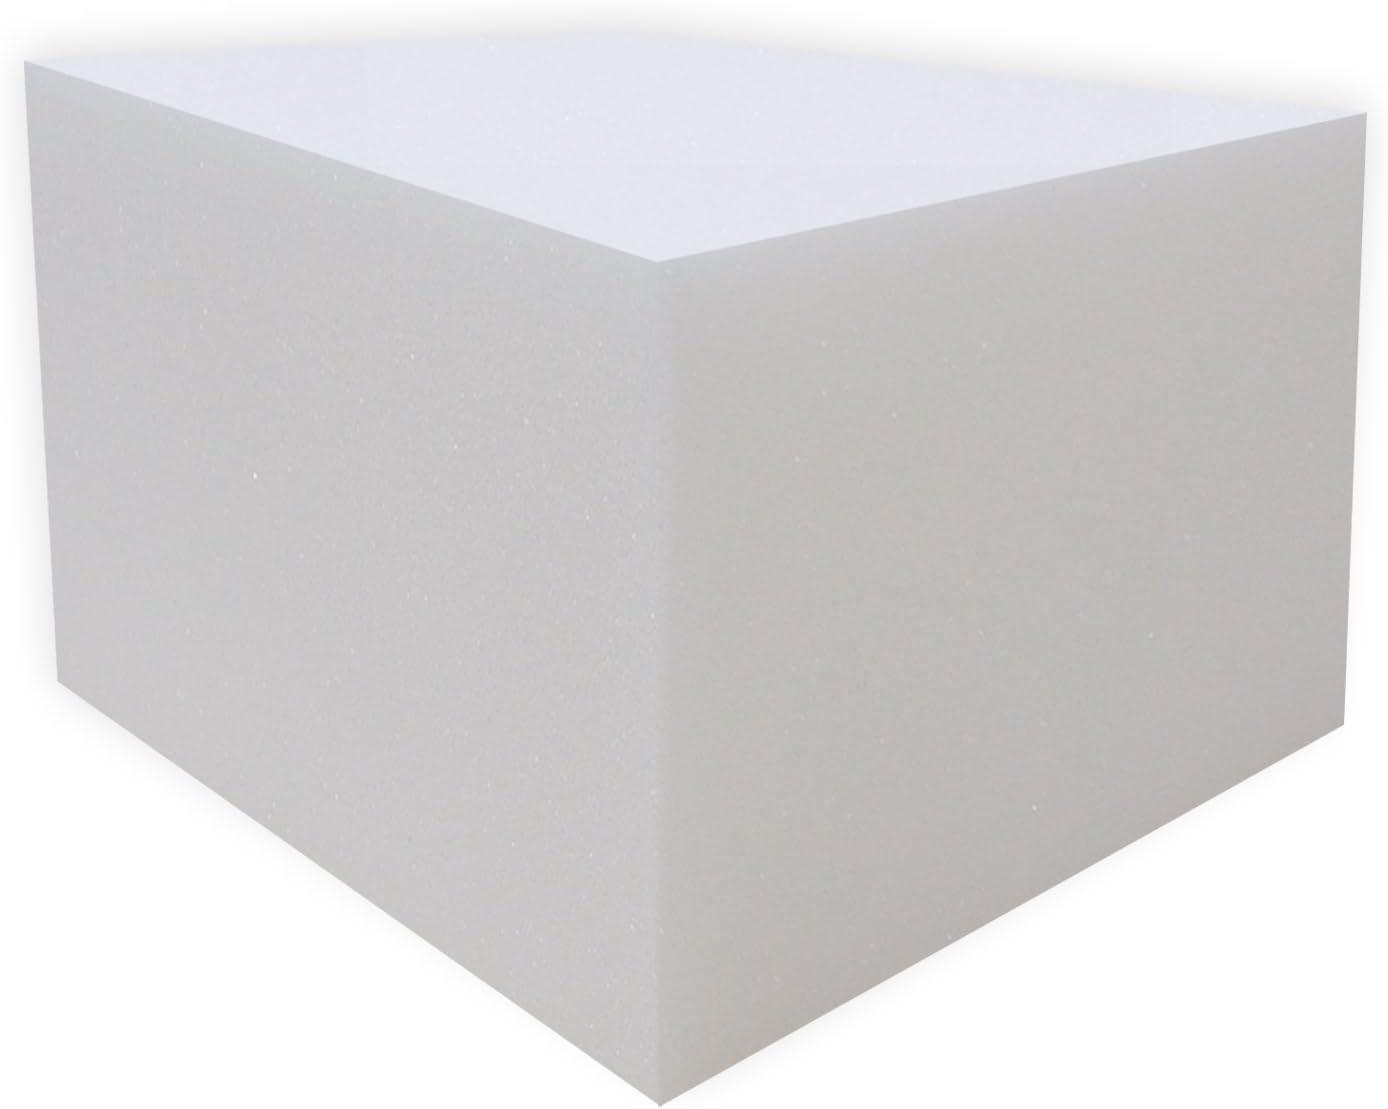 IWH Bandscheibenwürfel Stufenlagerungswürfel 55 x 40 x 30 cm schwarz NEU